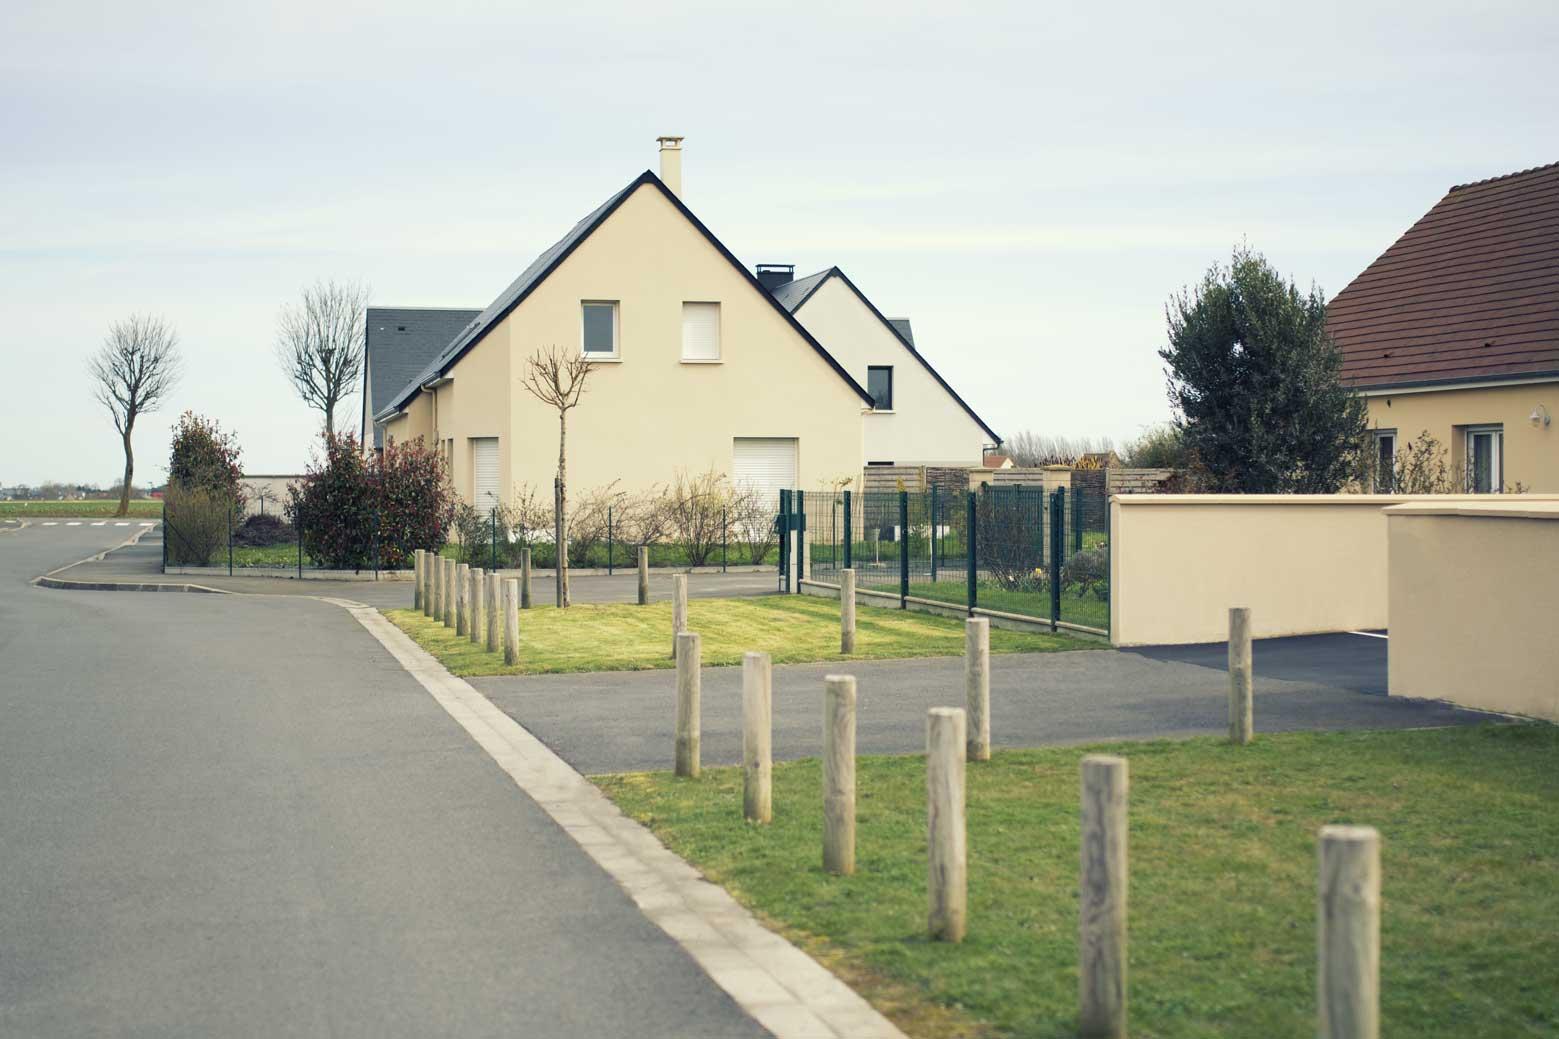 Le Clos Linglonia, lotissement de 30 terrains à bâtir à Langrune-sur-mer - SAPI